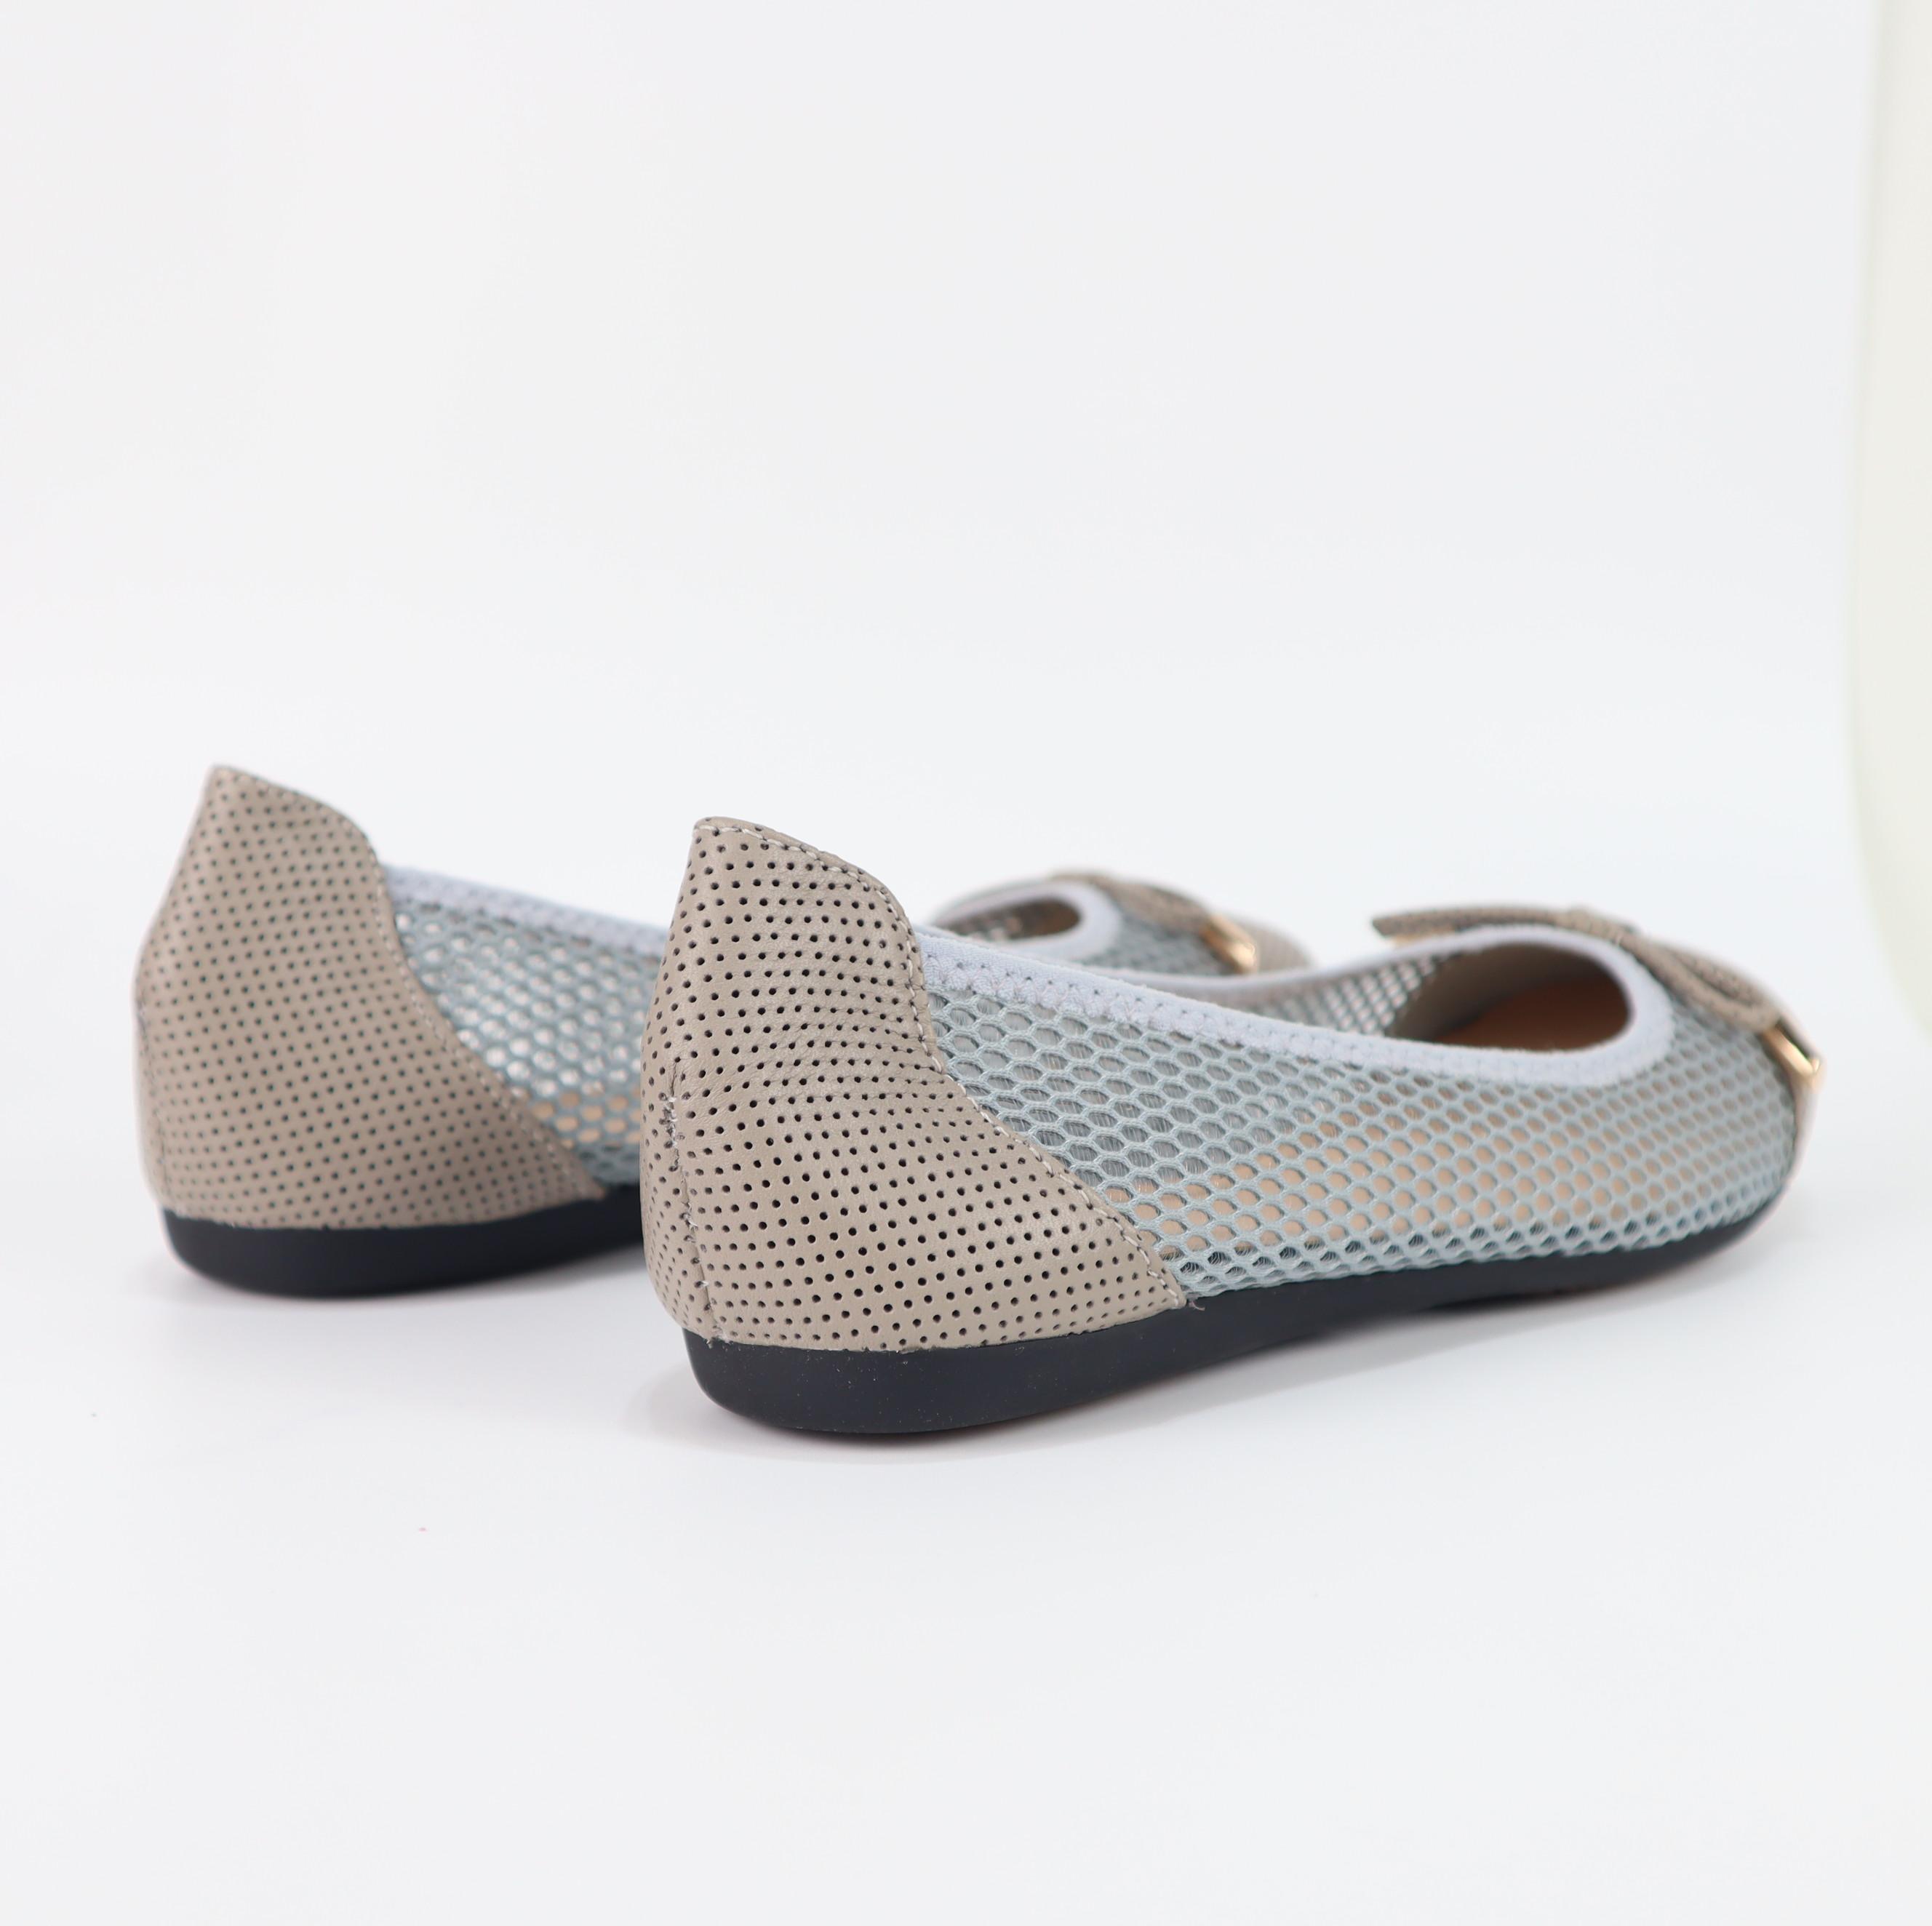 Giày búp bê nữ đế bằng da thật phối lưới Cillie 1135